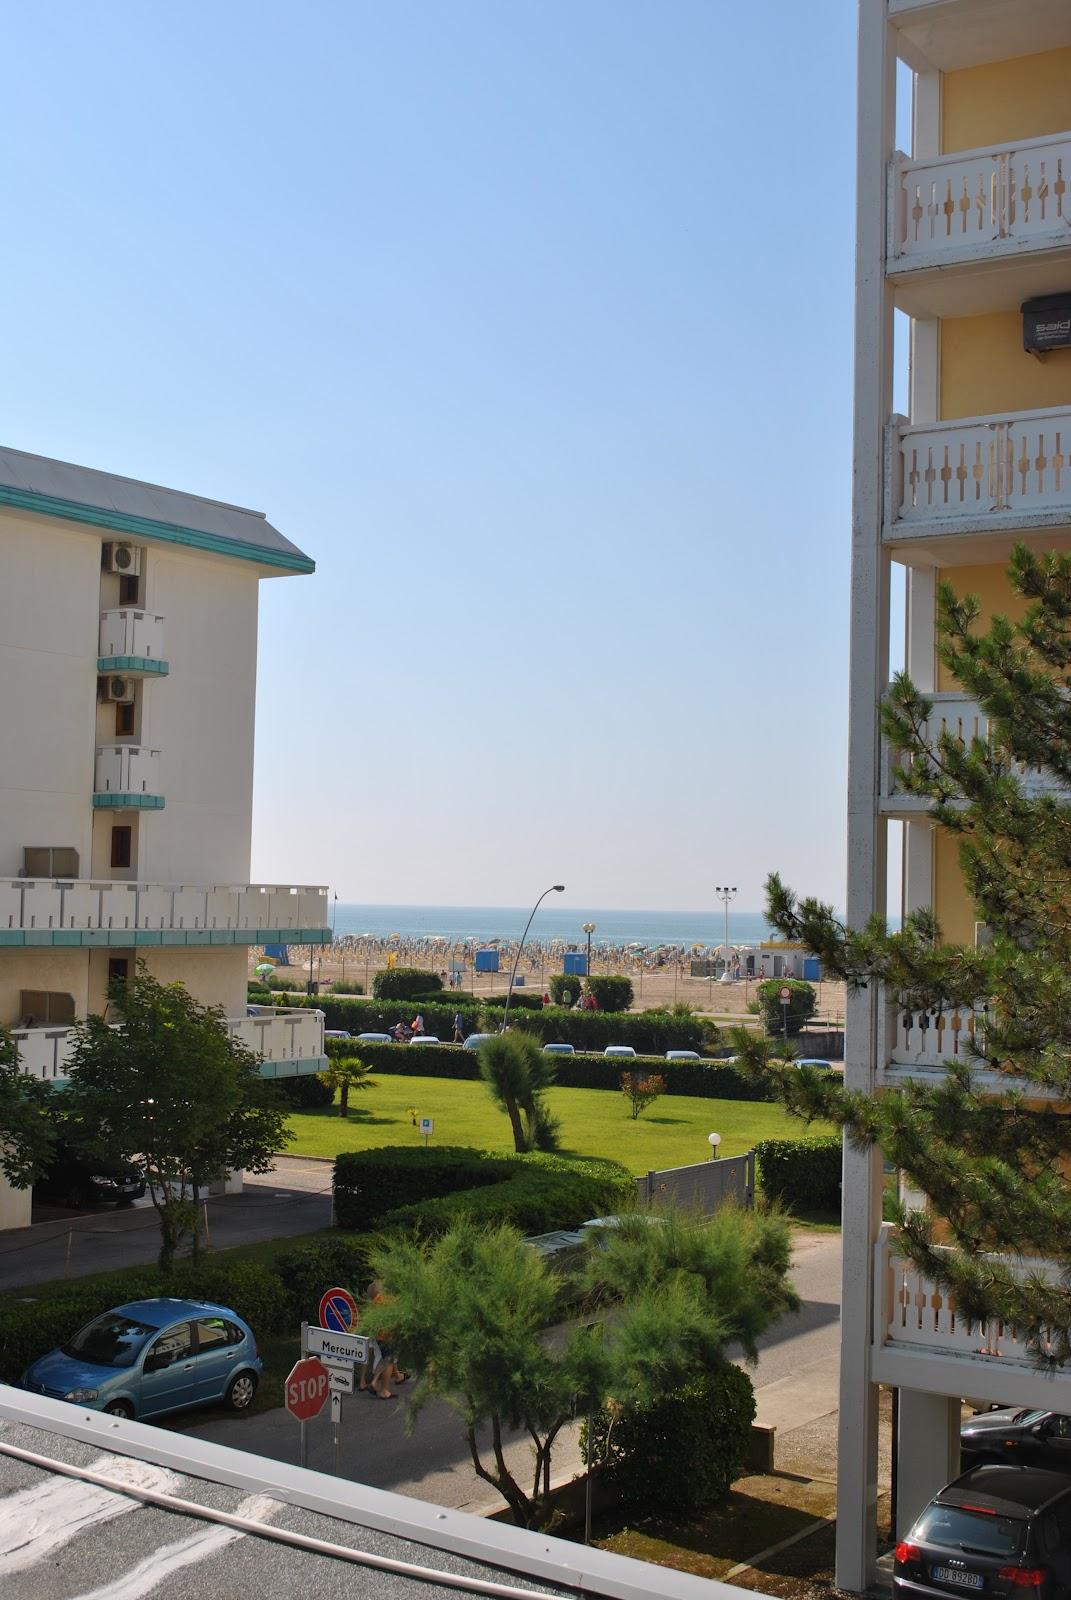 la vista dall mai stanza d'albergo all'Hotel playa